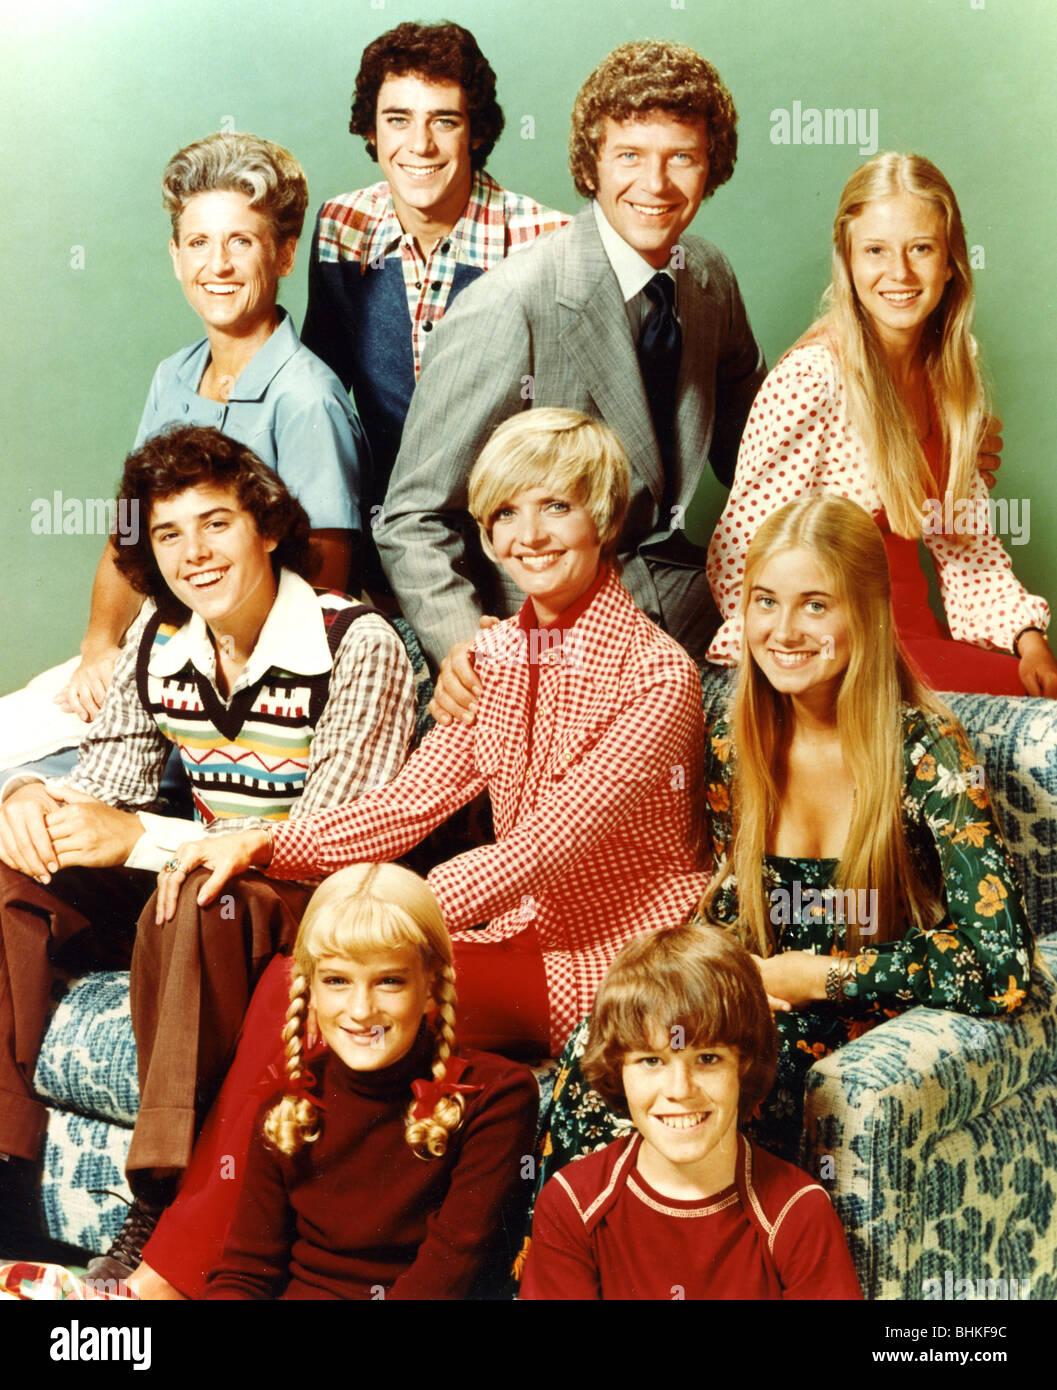 La BRADY BUNCH - NOI TV series 1969-74 con i presidi Robert Reed e Firenze Henderson Immagini Stock